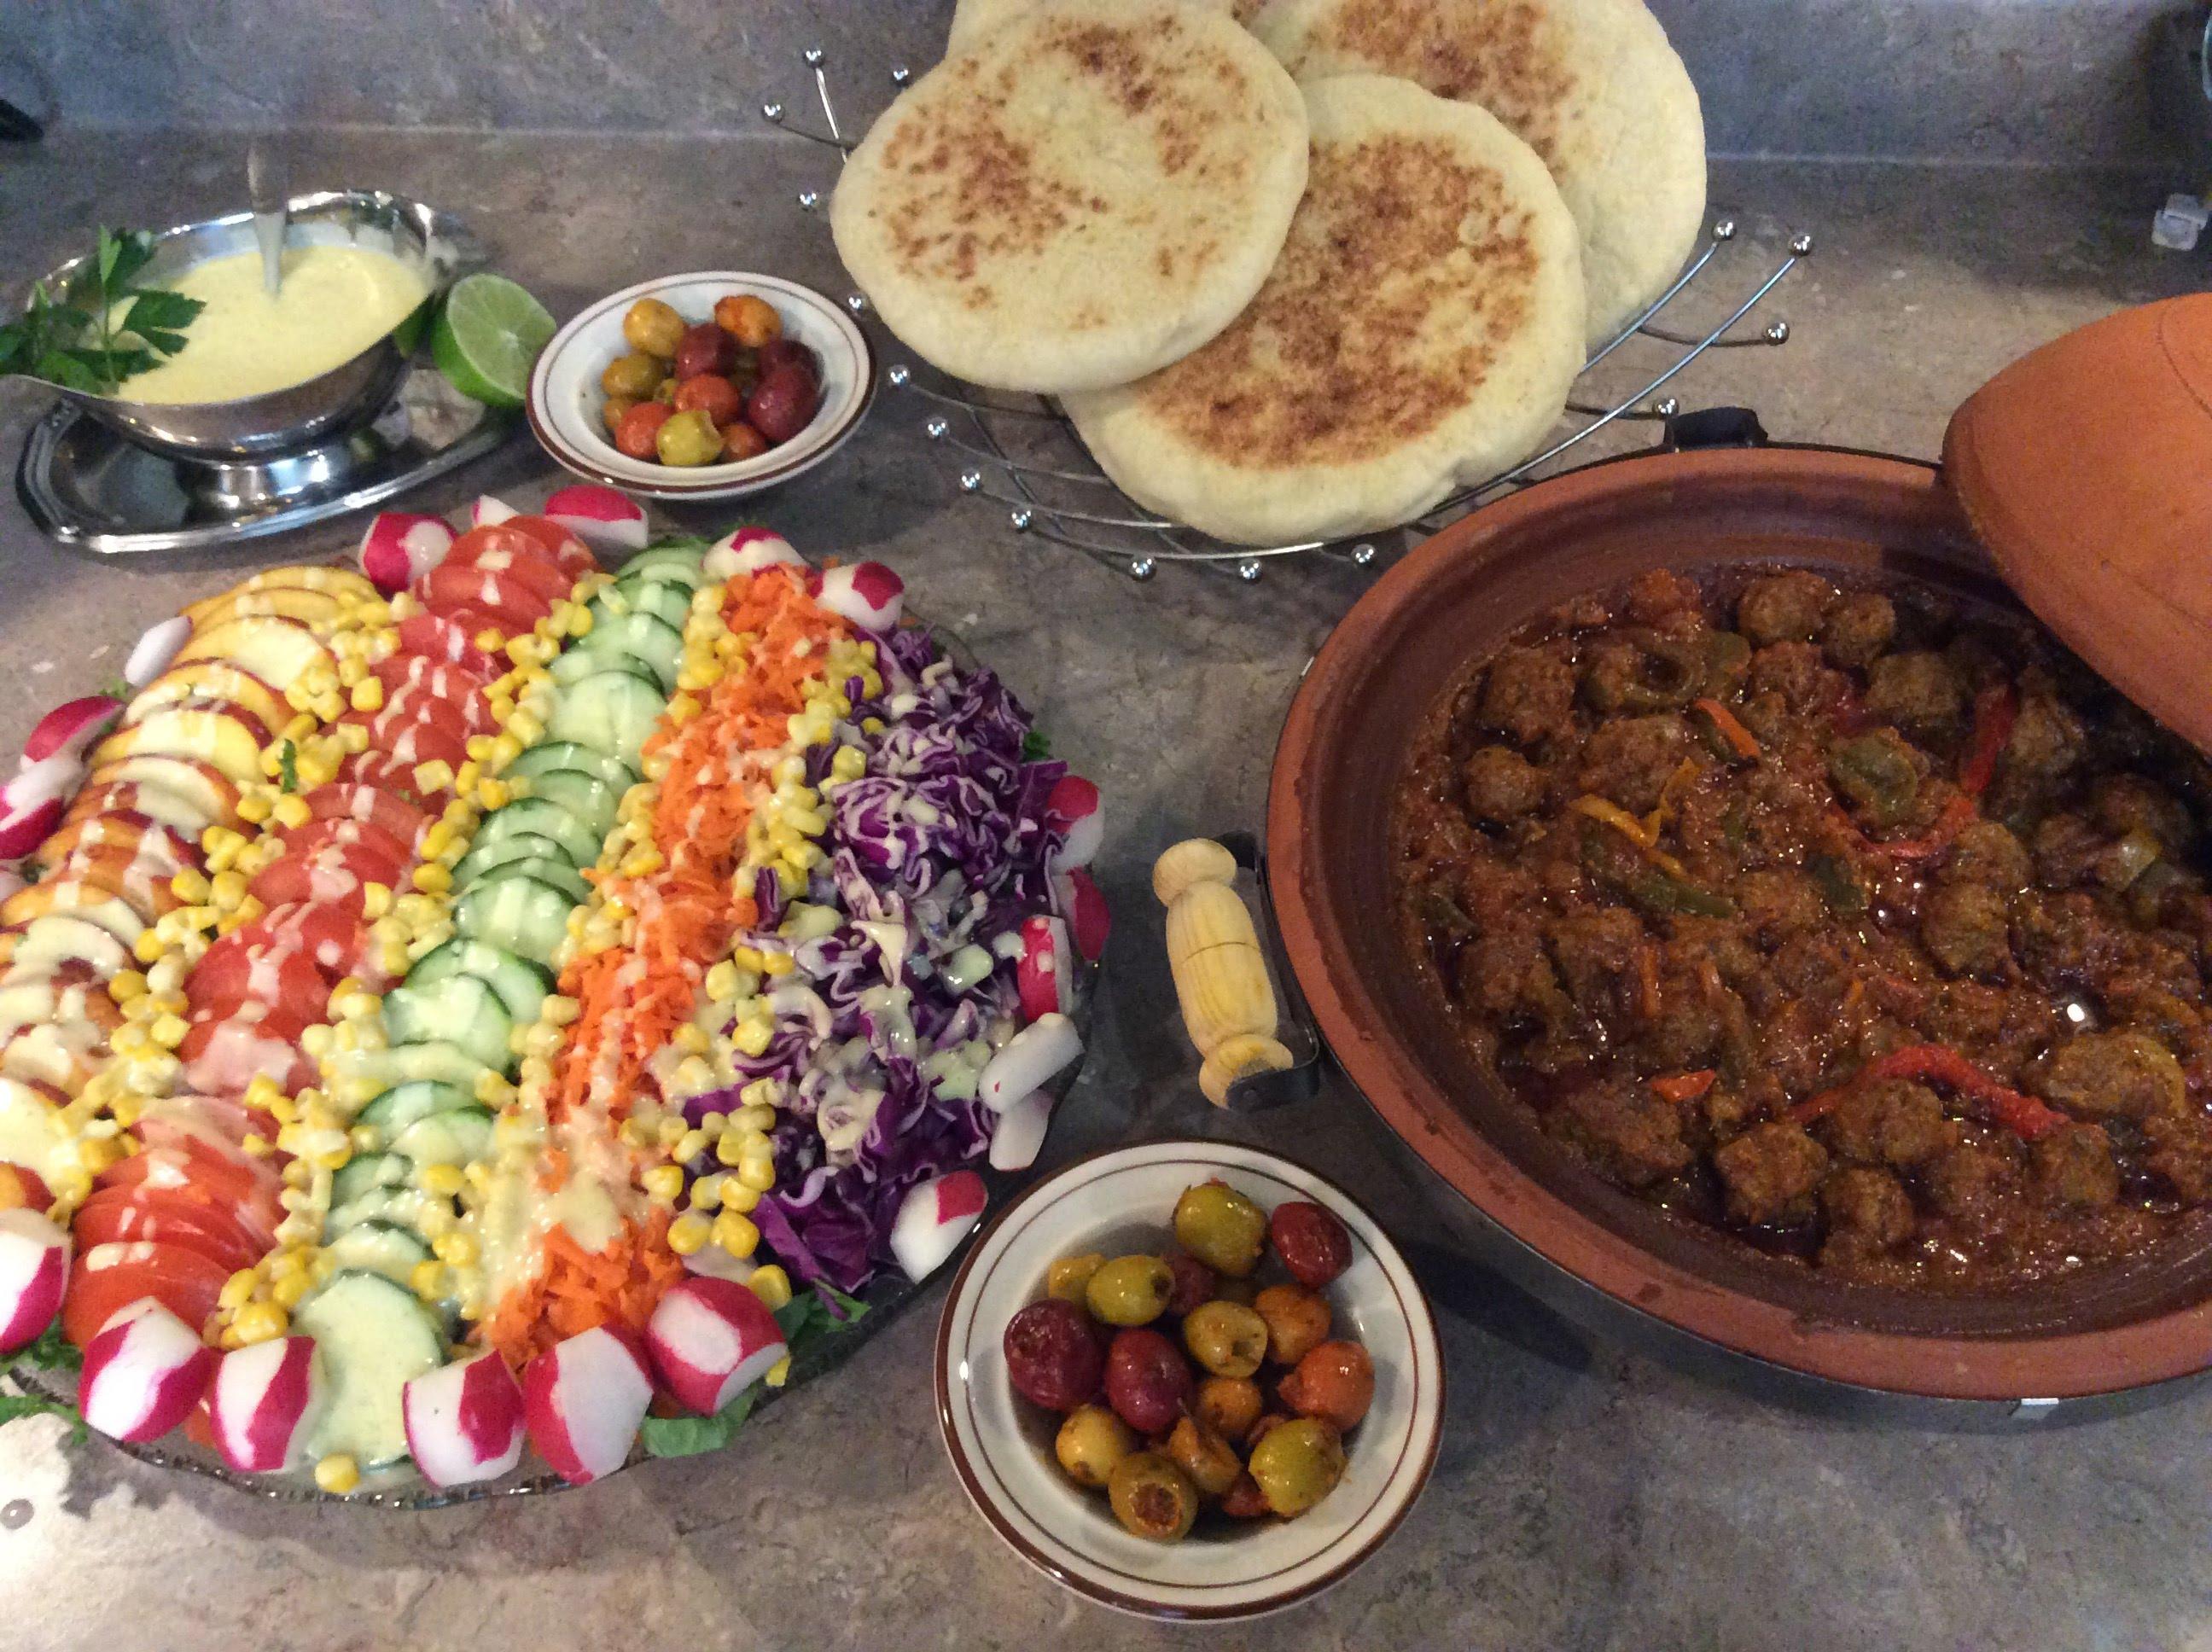 صورة وجبات سريعة للعشاء , وجبات خفيفه سريعه التحضير للعشاء 5769 2